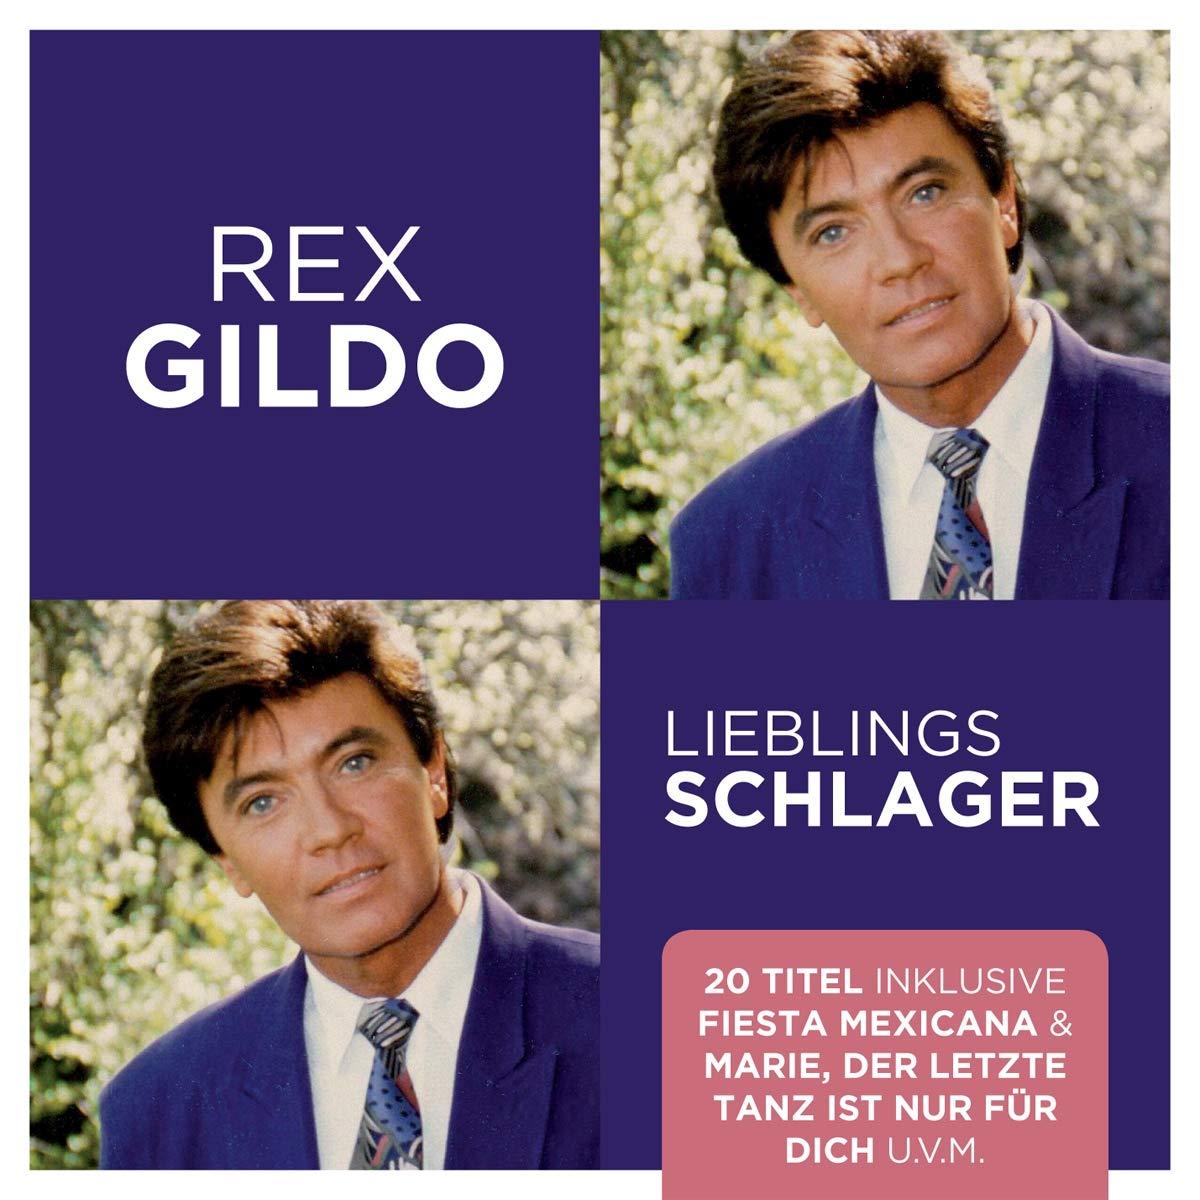 REX GILDO - LIEBLINGSSCHLAGER